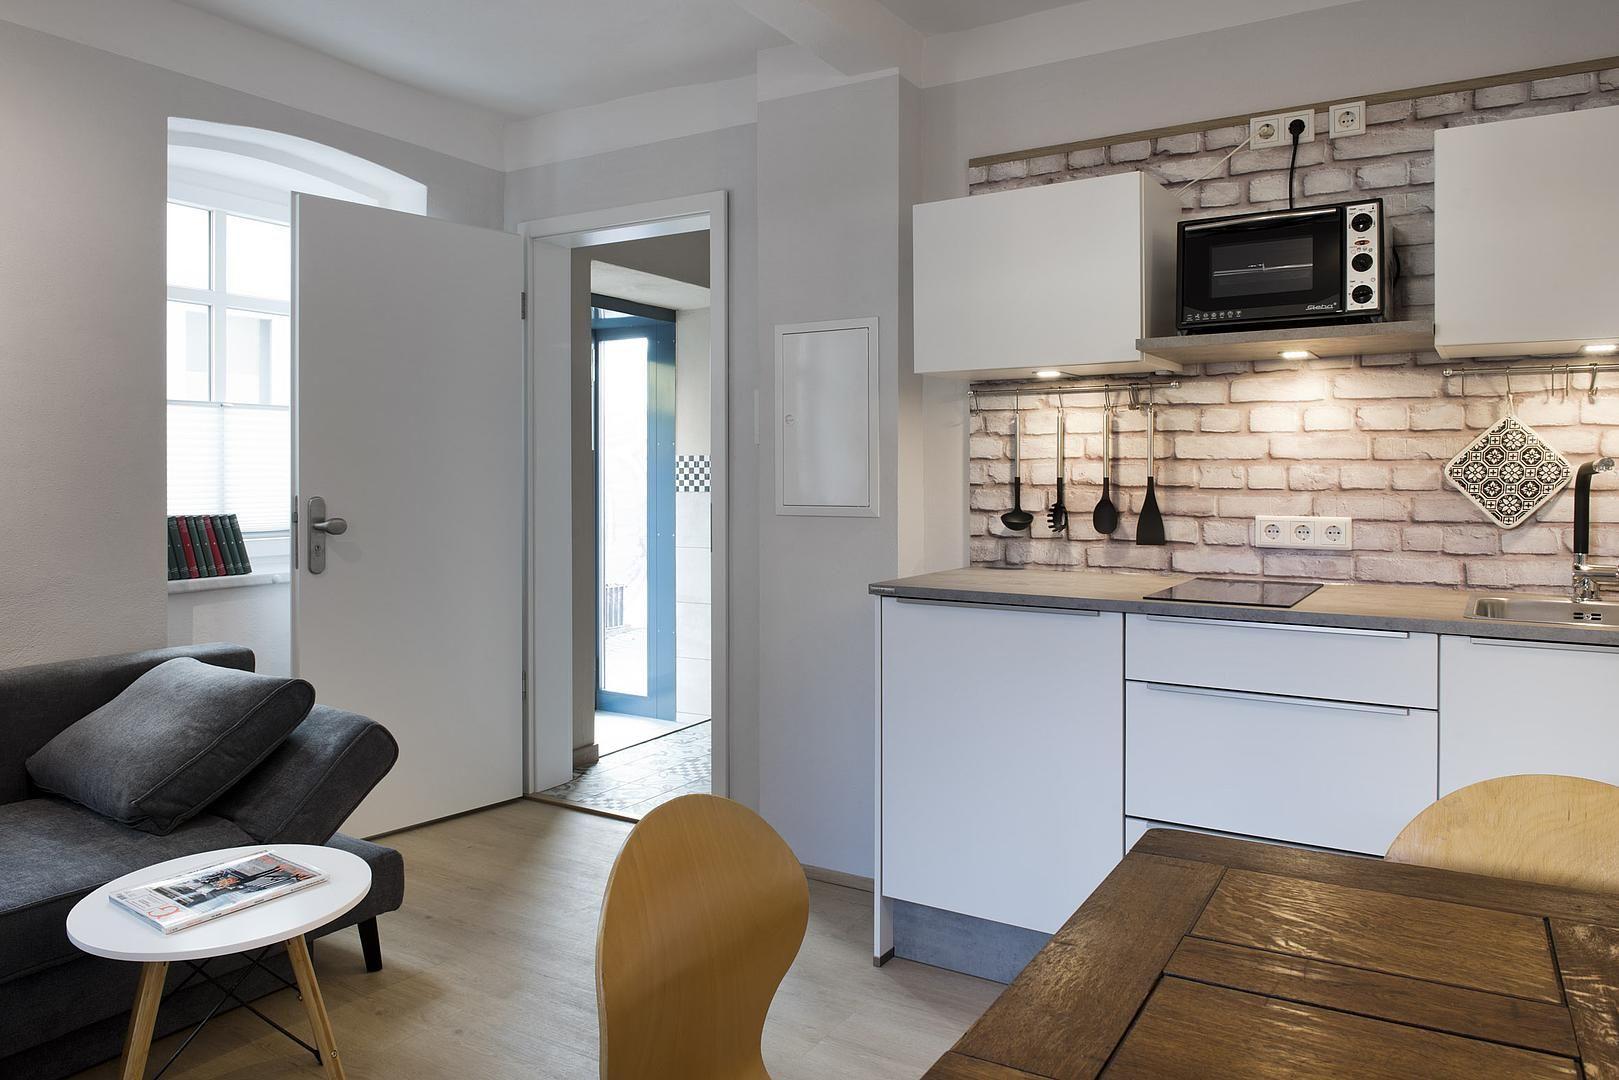 Moderne Wohnkuche Sanierung Mehrfamilienhaus Zu Mikroapartments Familien Haus Sanierung Haus